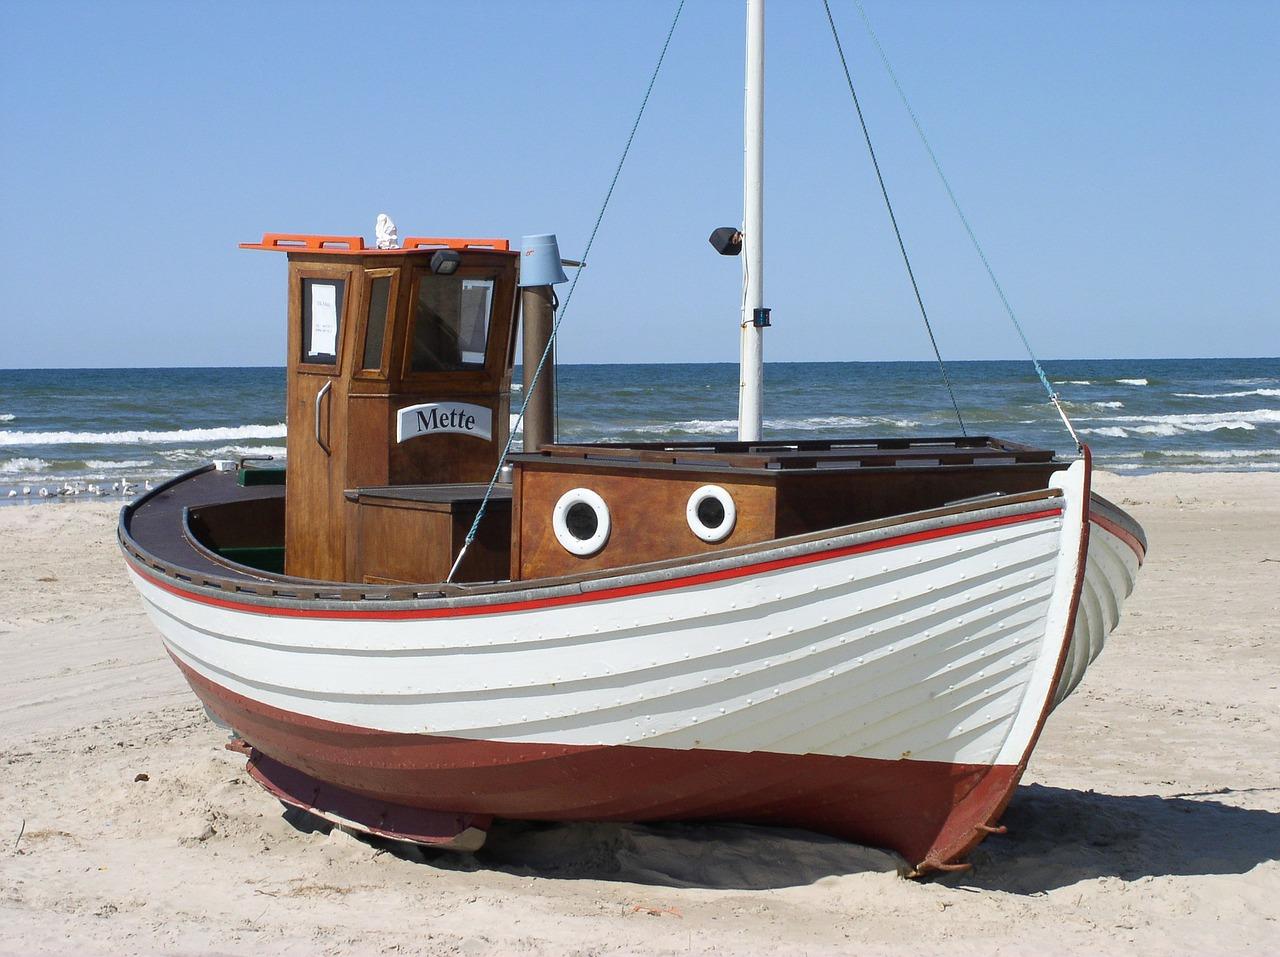 Barco de pesca en una playa